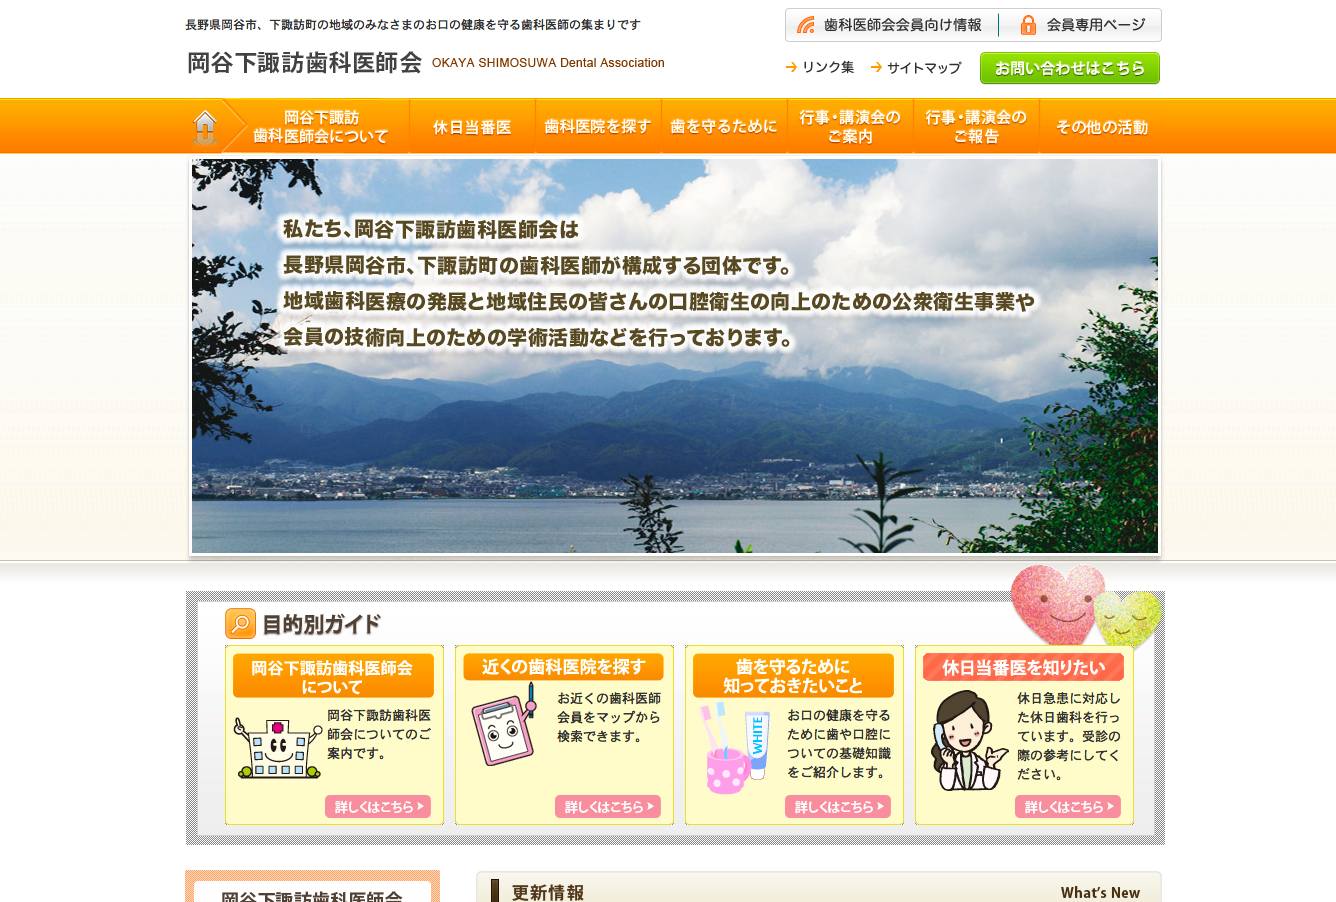 岡谷下諏訪歯科医師会様のホームページを制作させていただきました。